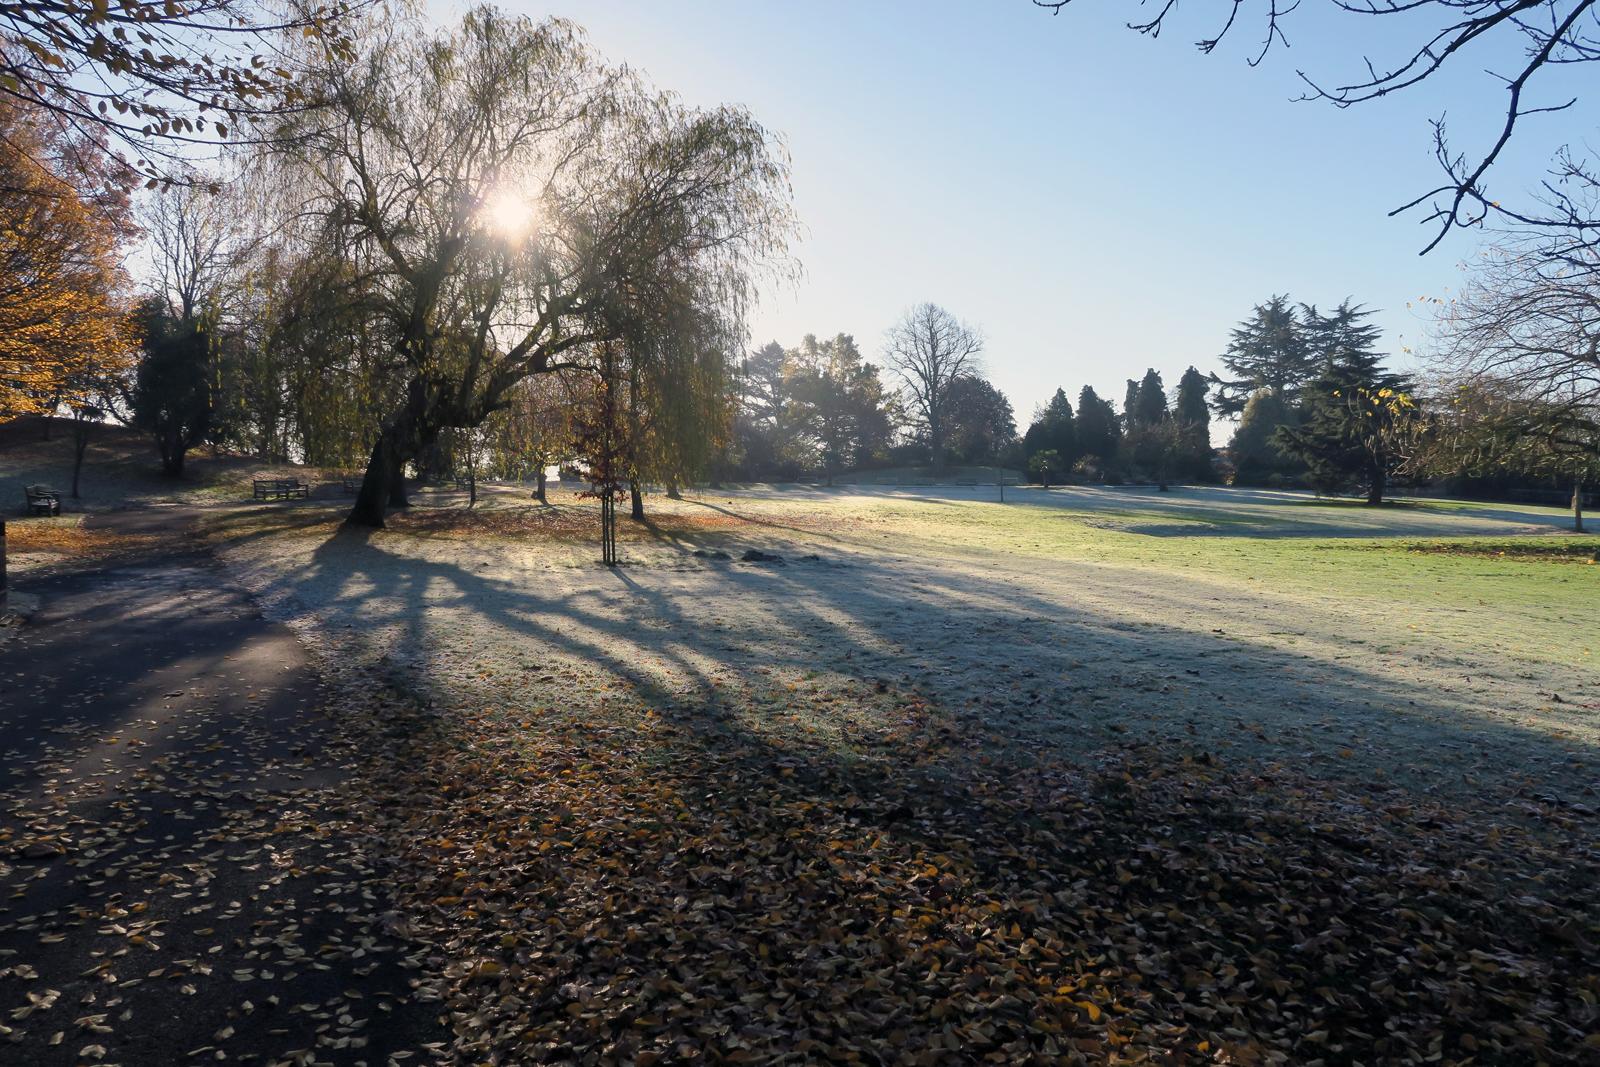 29-Frosty-Park-Hill-Park-29_11_16